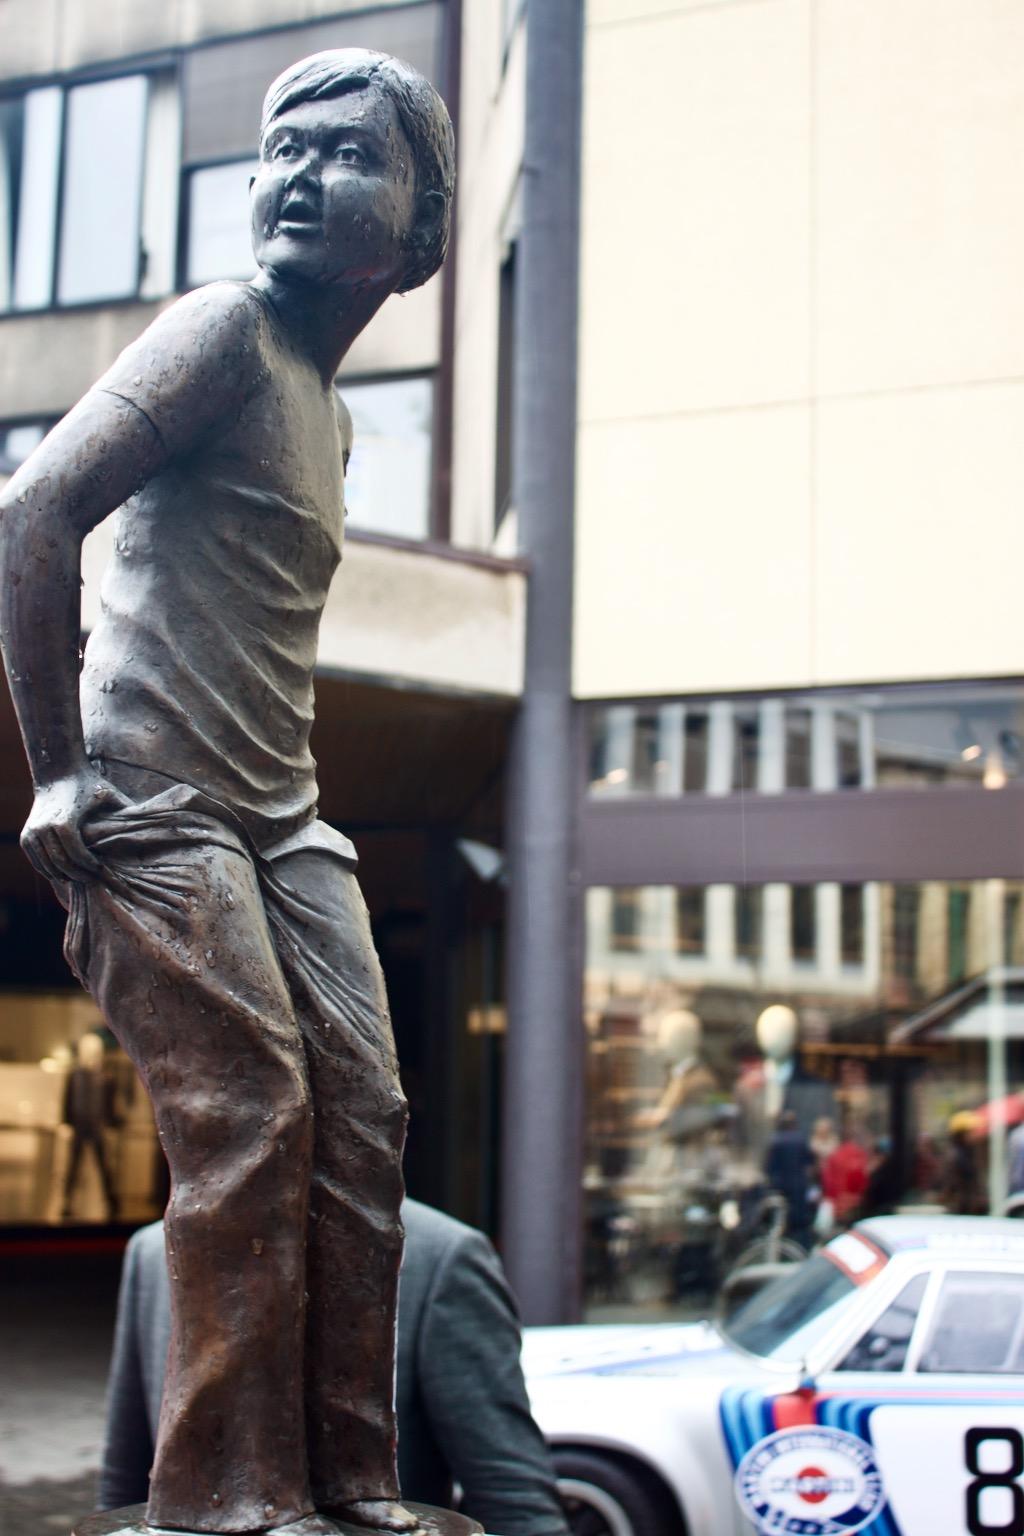 Den Deugniet Antwerp -The Rascal Statue